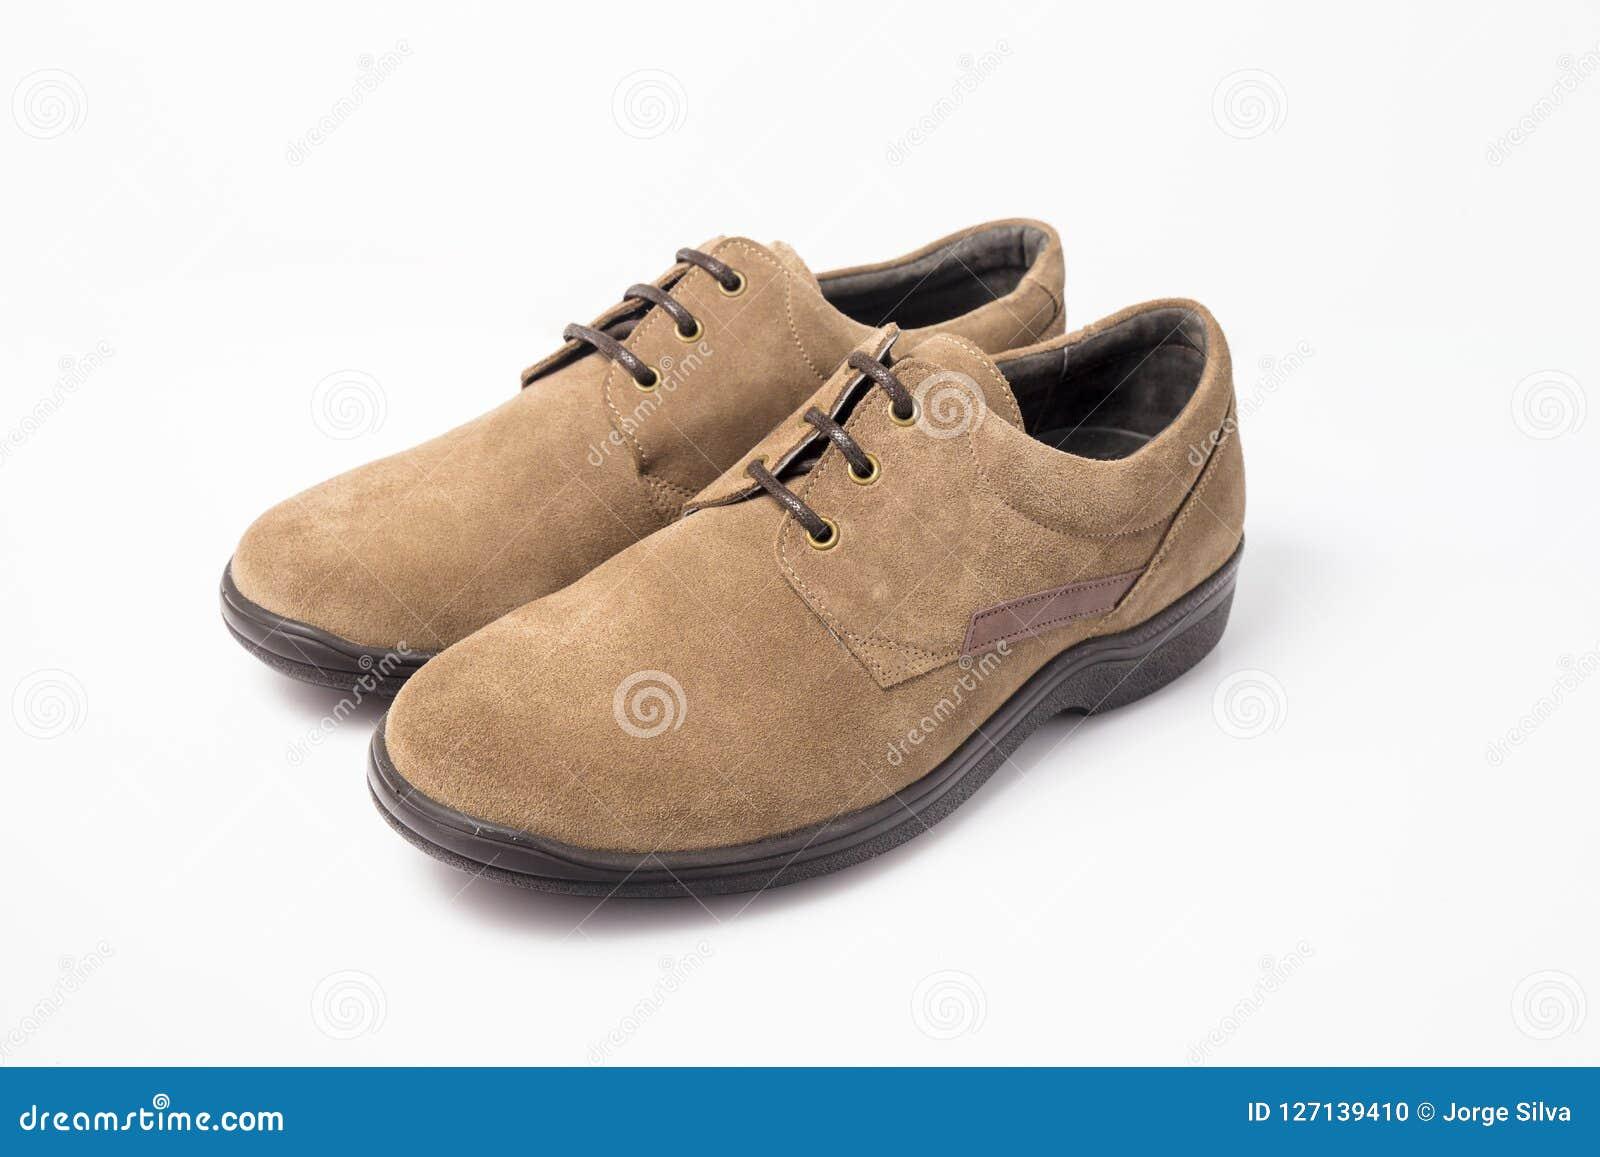 4aba4237d4ce Cuir de chaussures masculin de Brown sur le fond blanc, produit d'isolement